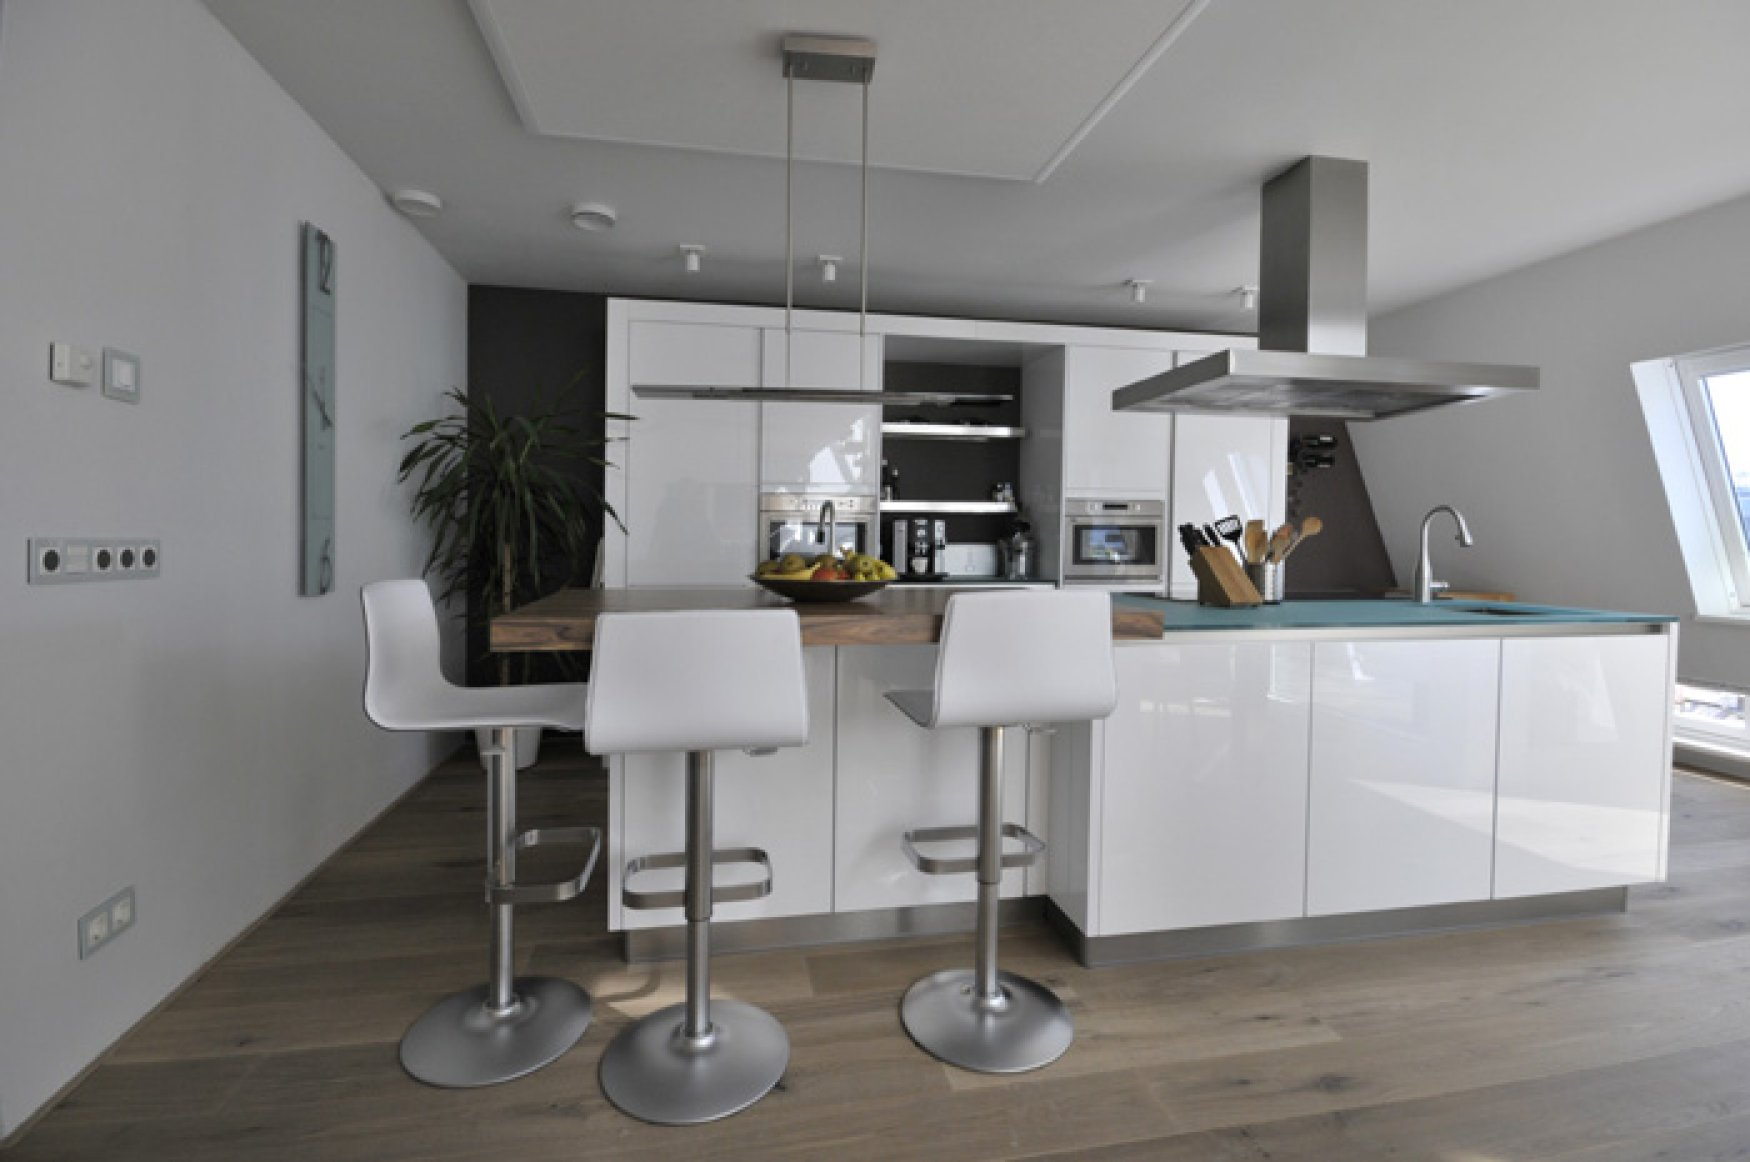 Keukenrenovatie Den Haag : Eethoek Keuken : HERTOGENBOSCH, BORDESLAAN Ref nr 2014108 van Hensbeek